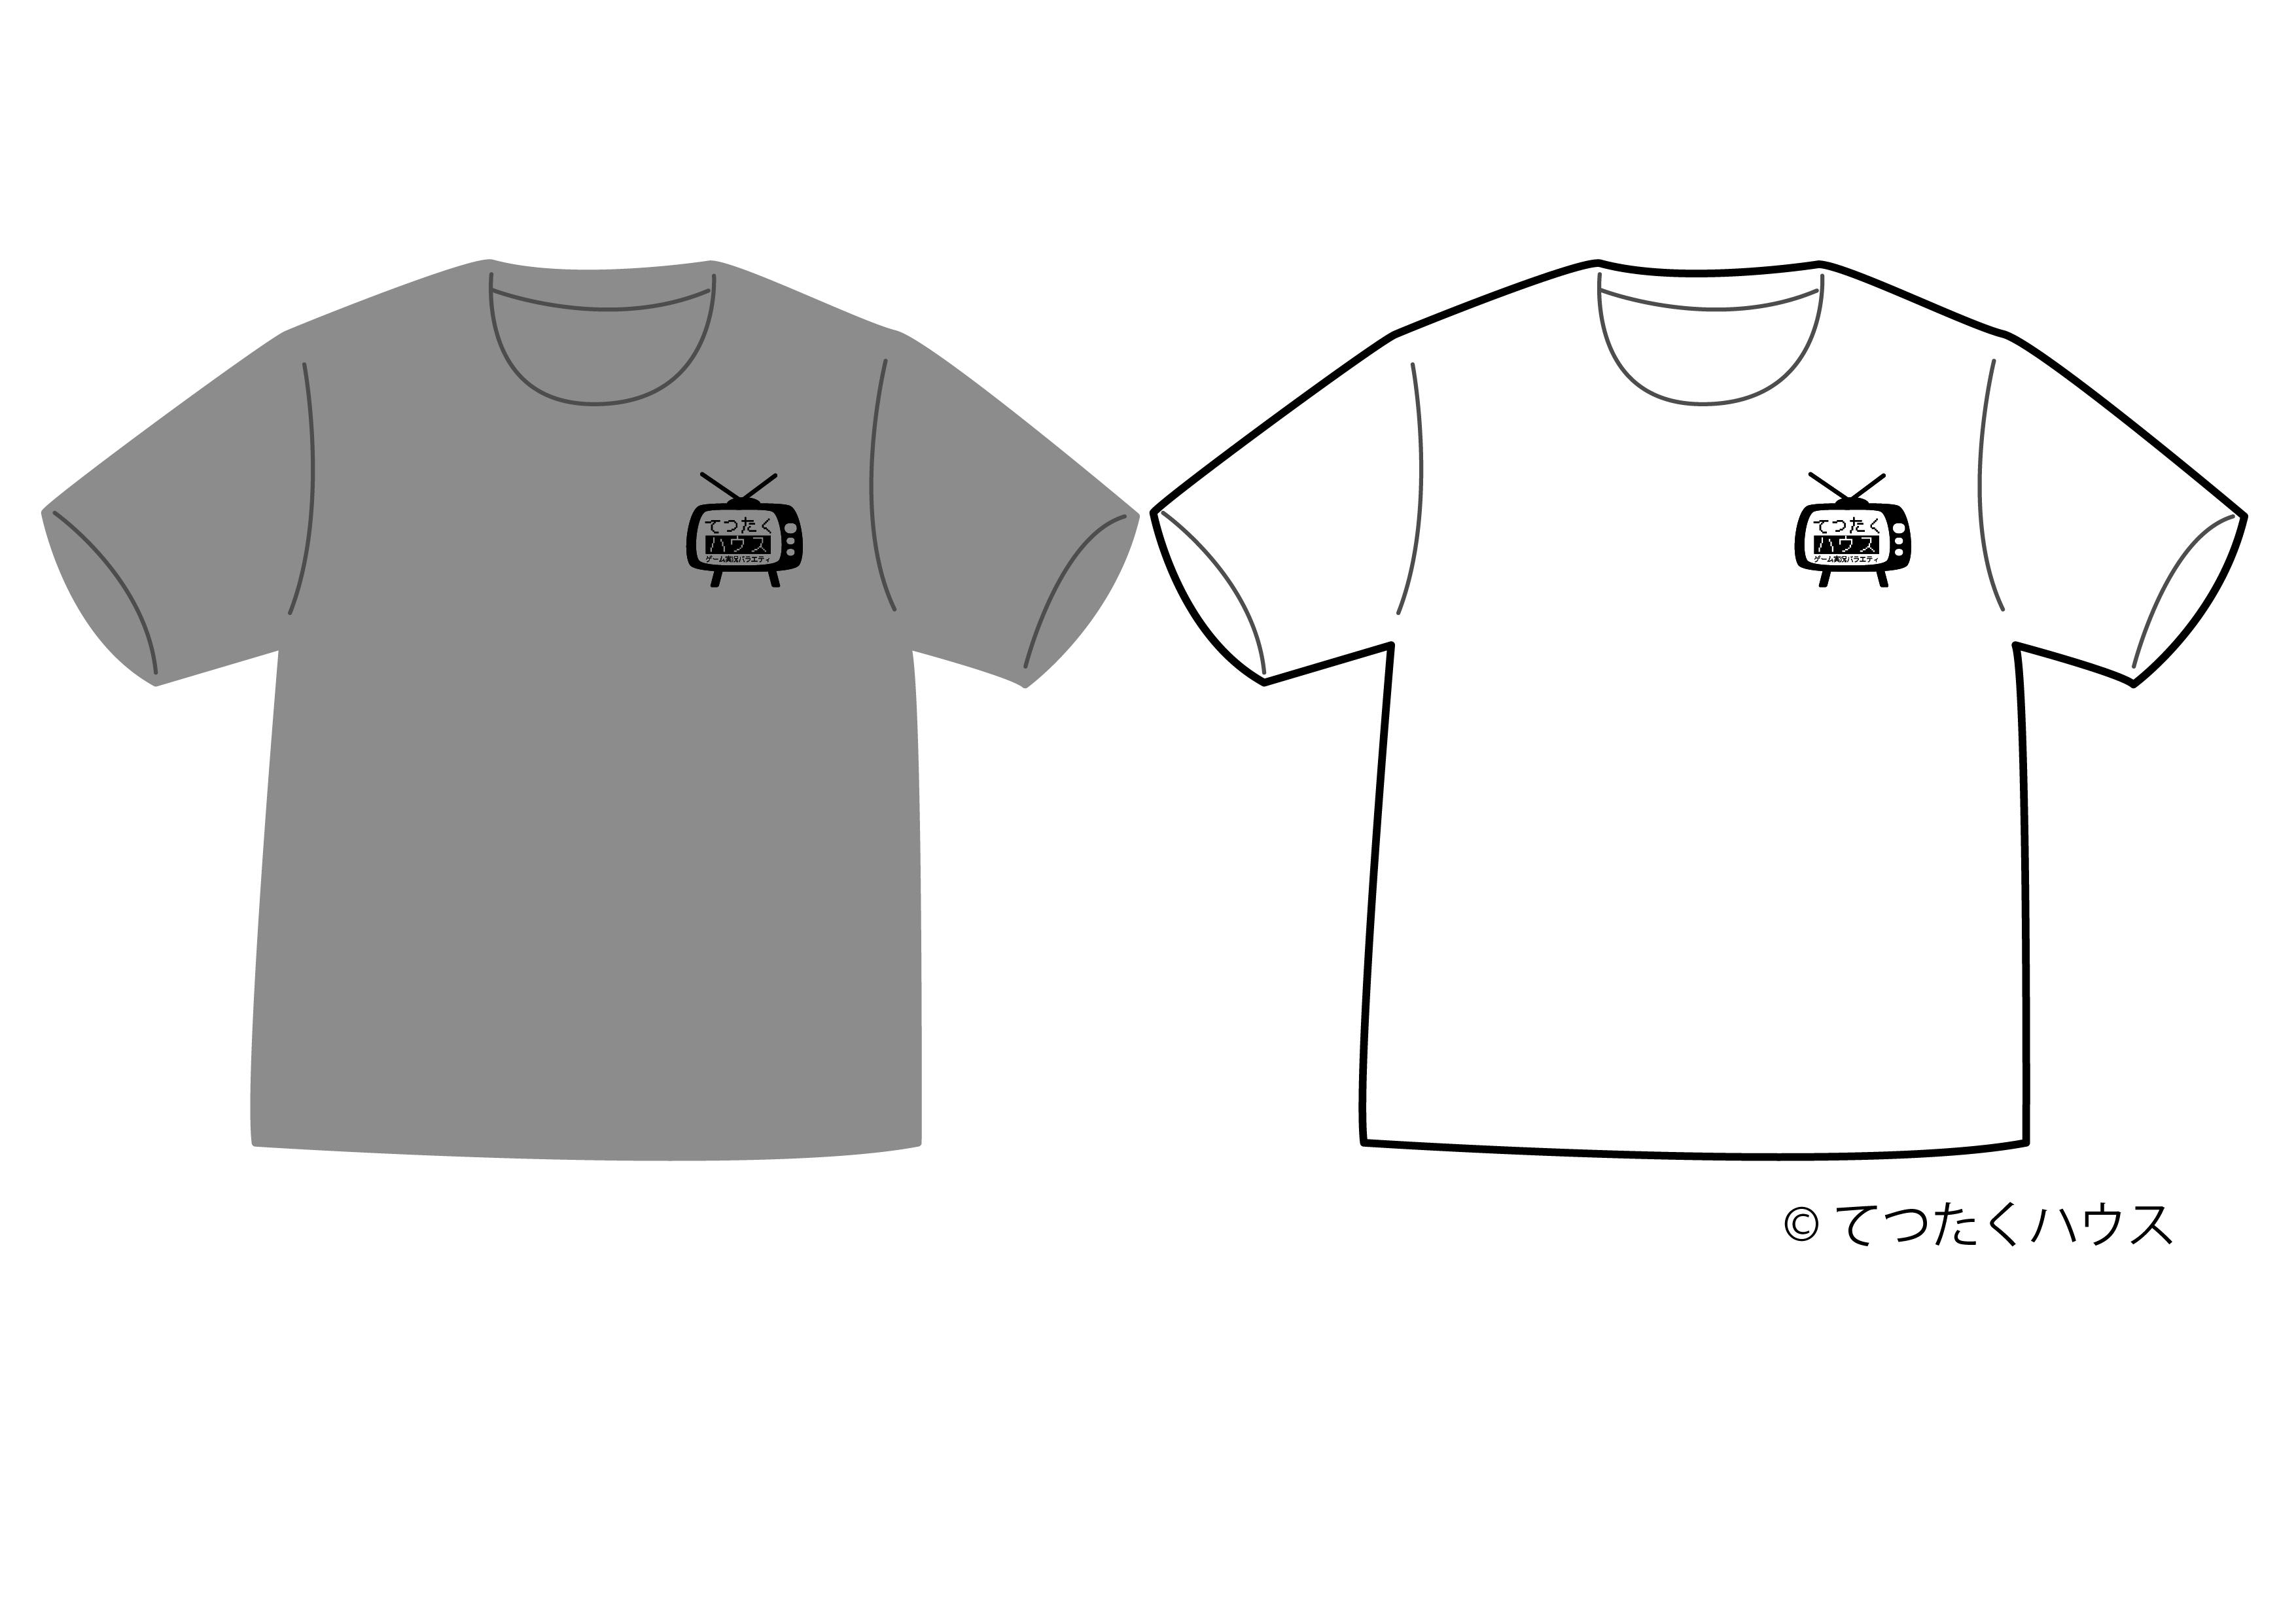 てつたくハウス Tシャツ (全2色)